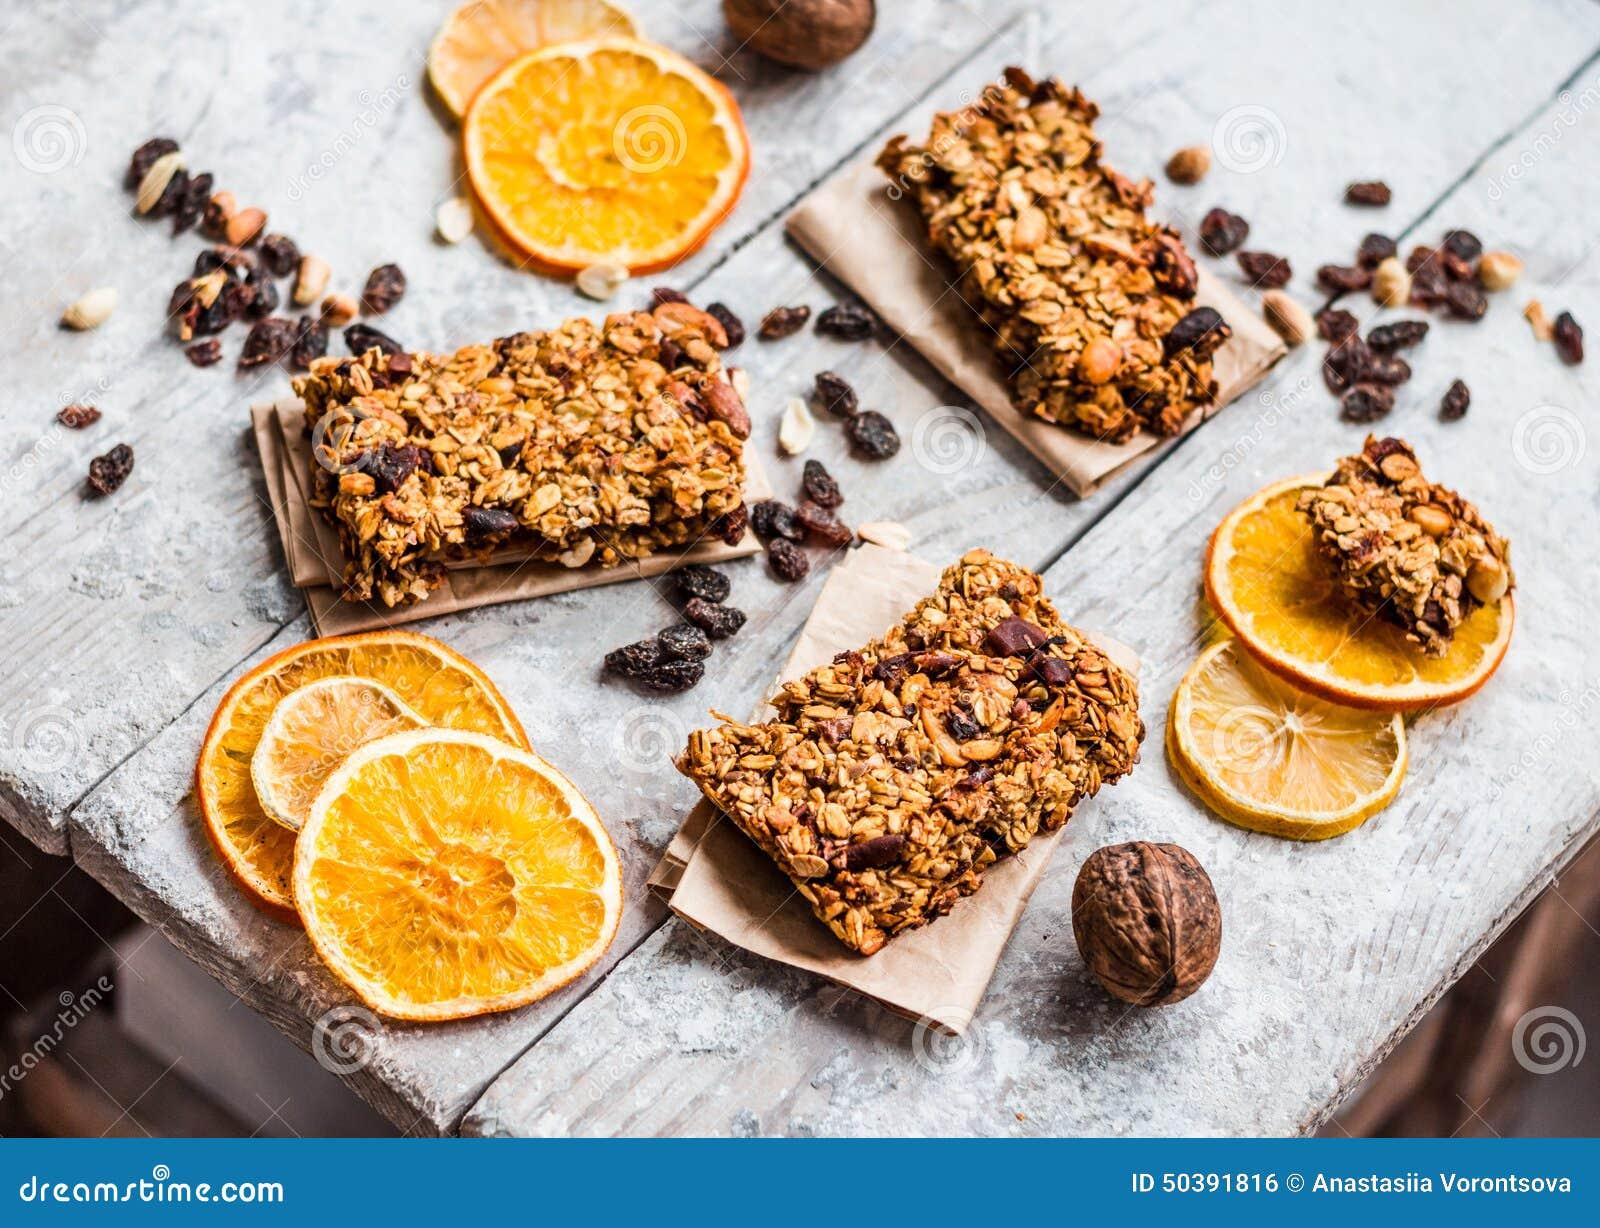 Barras de Granola citrino, manteiga de amendoim e frutos secos, alimento saudável